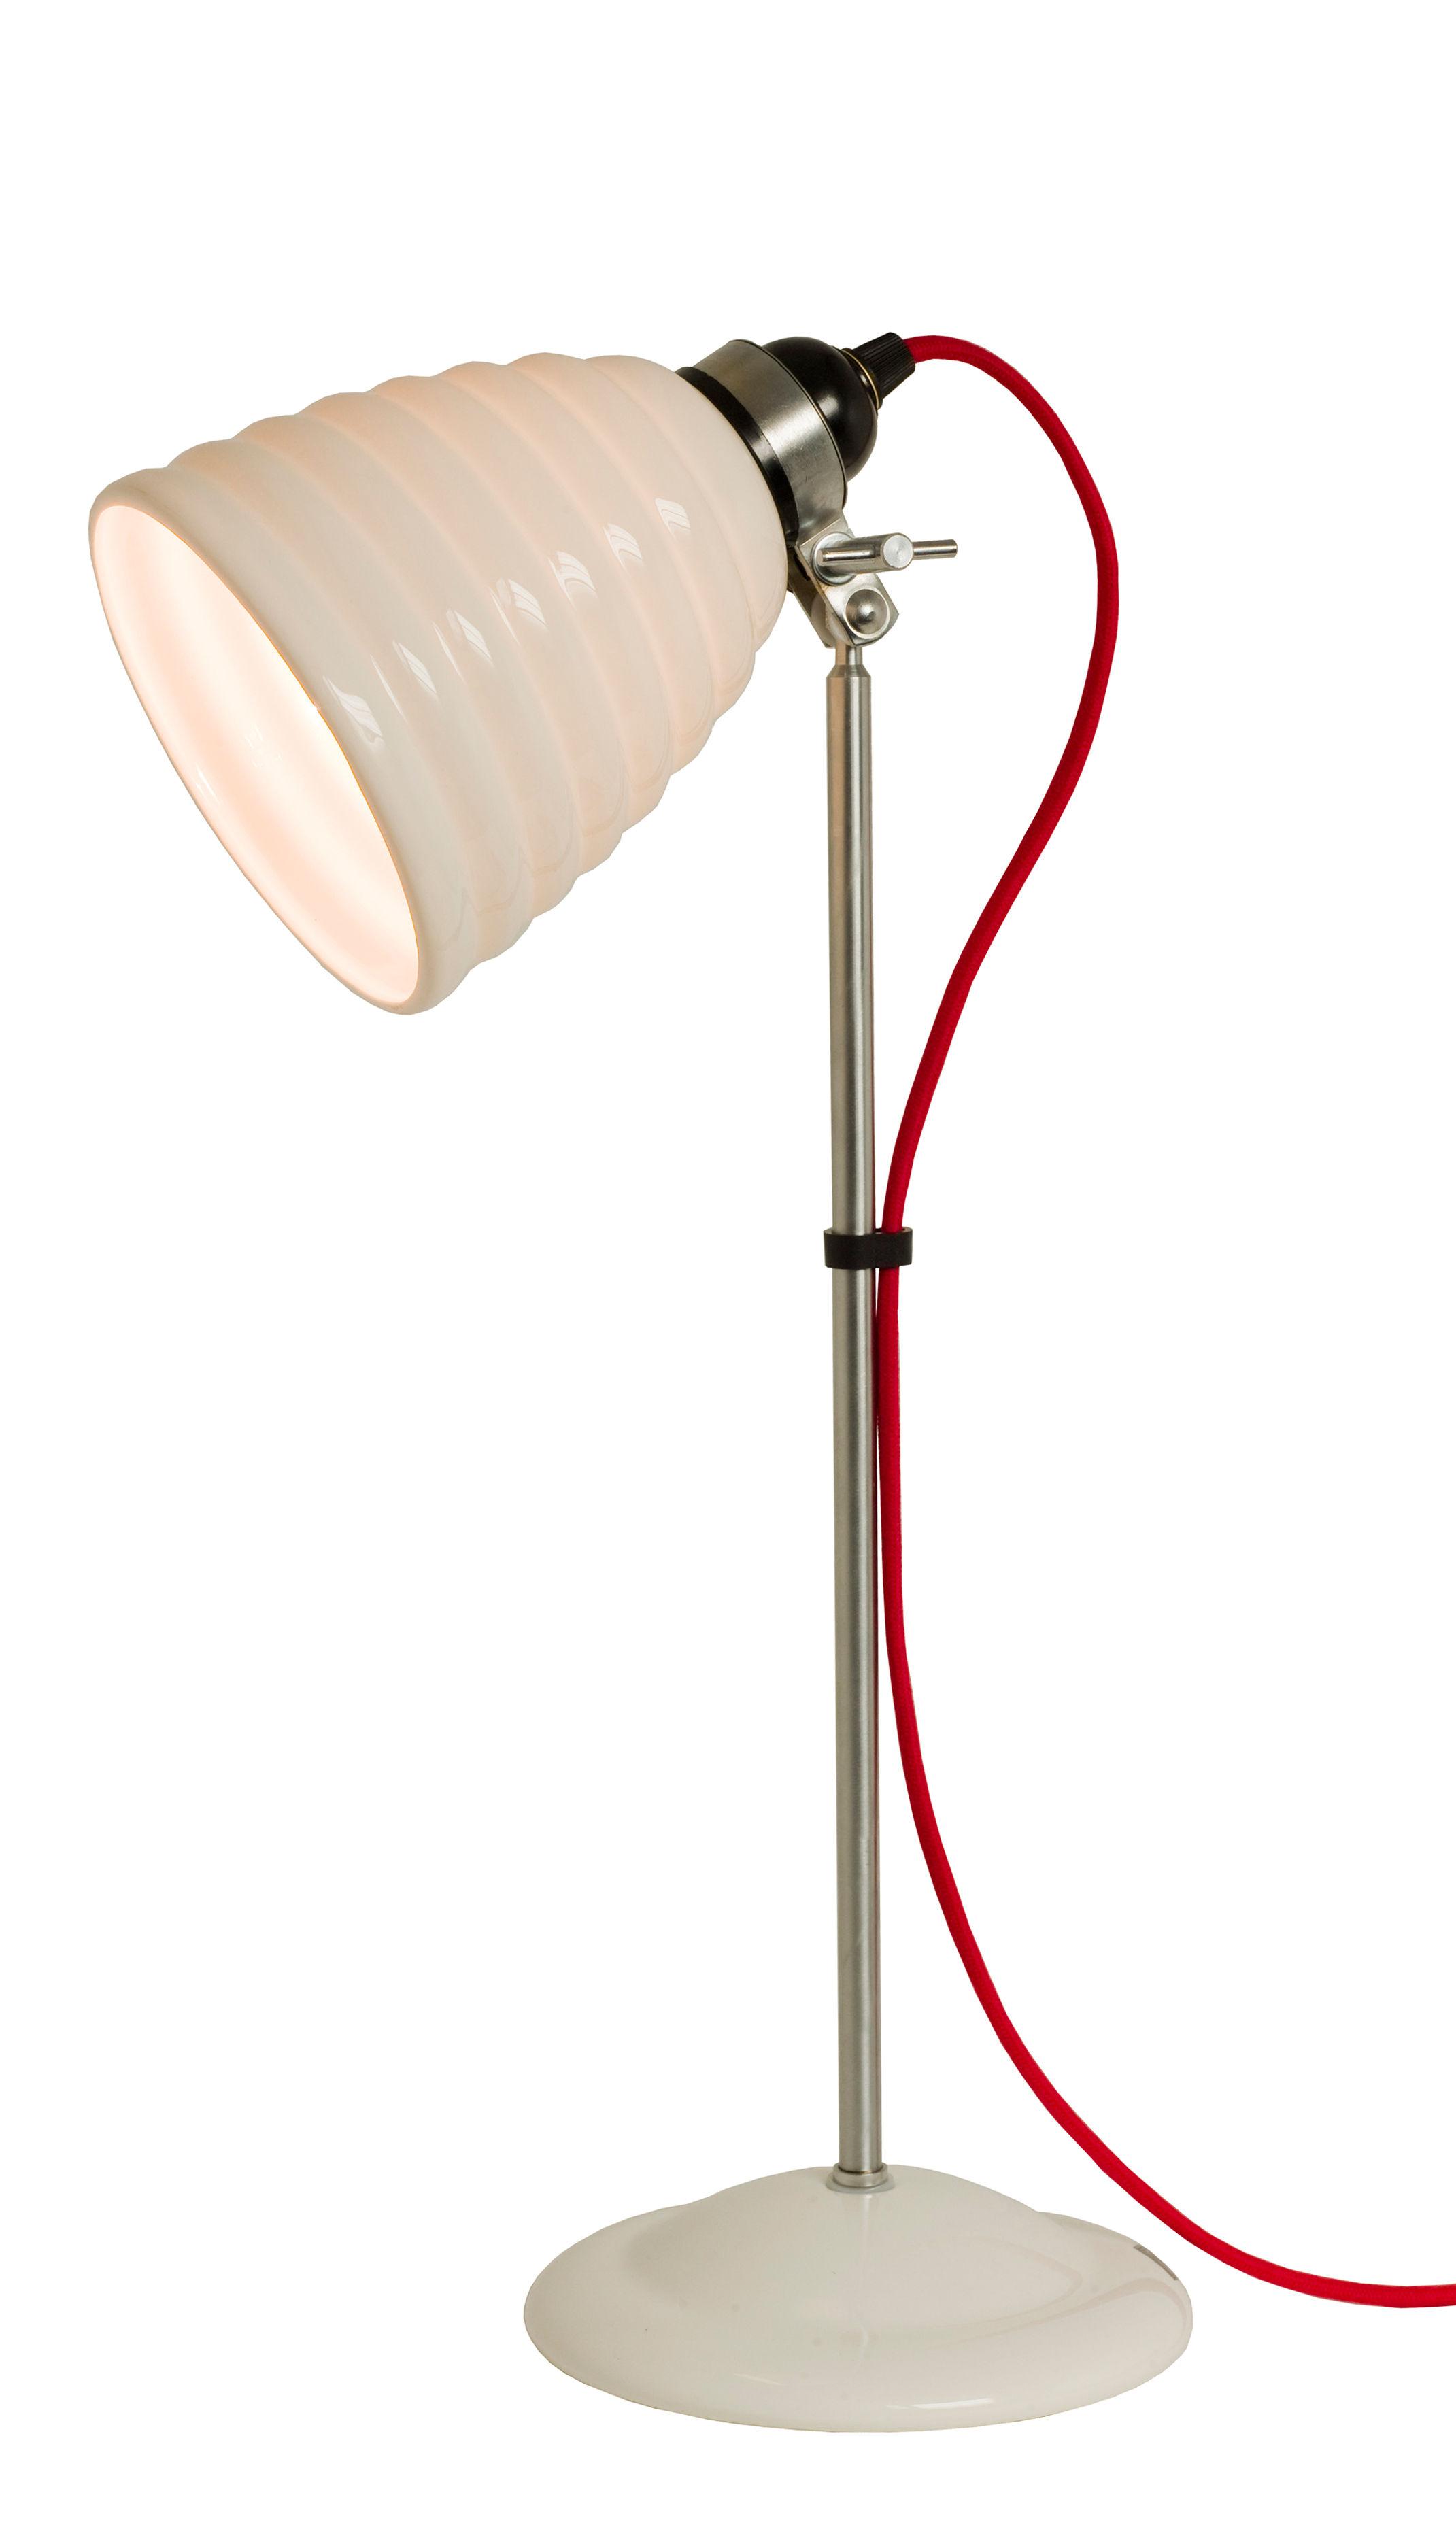 Leuchten - Tischleuchten - Hector Bibendum Tischleuchte - Original BTC - Blanc strié / Métal / Câble rouge - Porzellan, verchromtes Metall